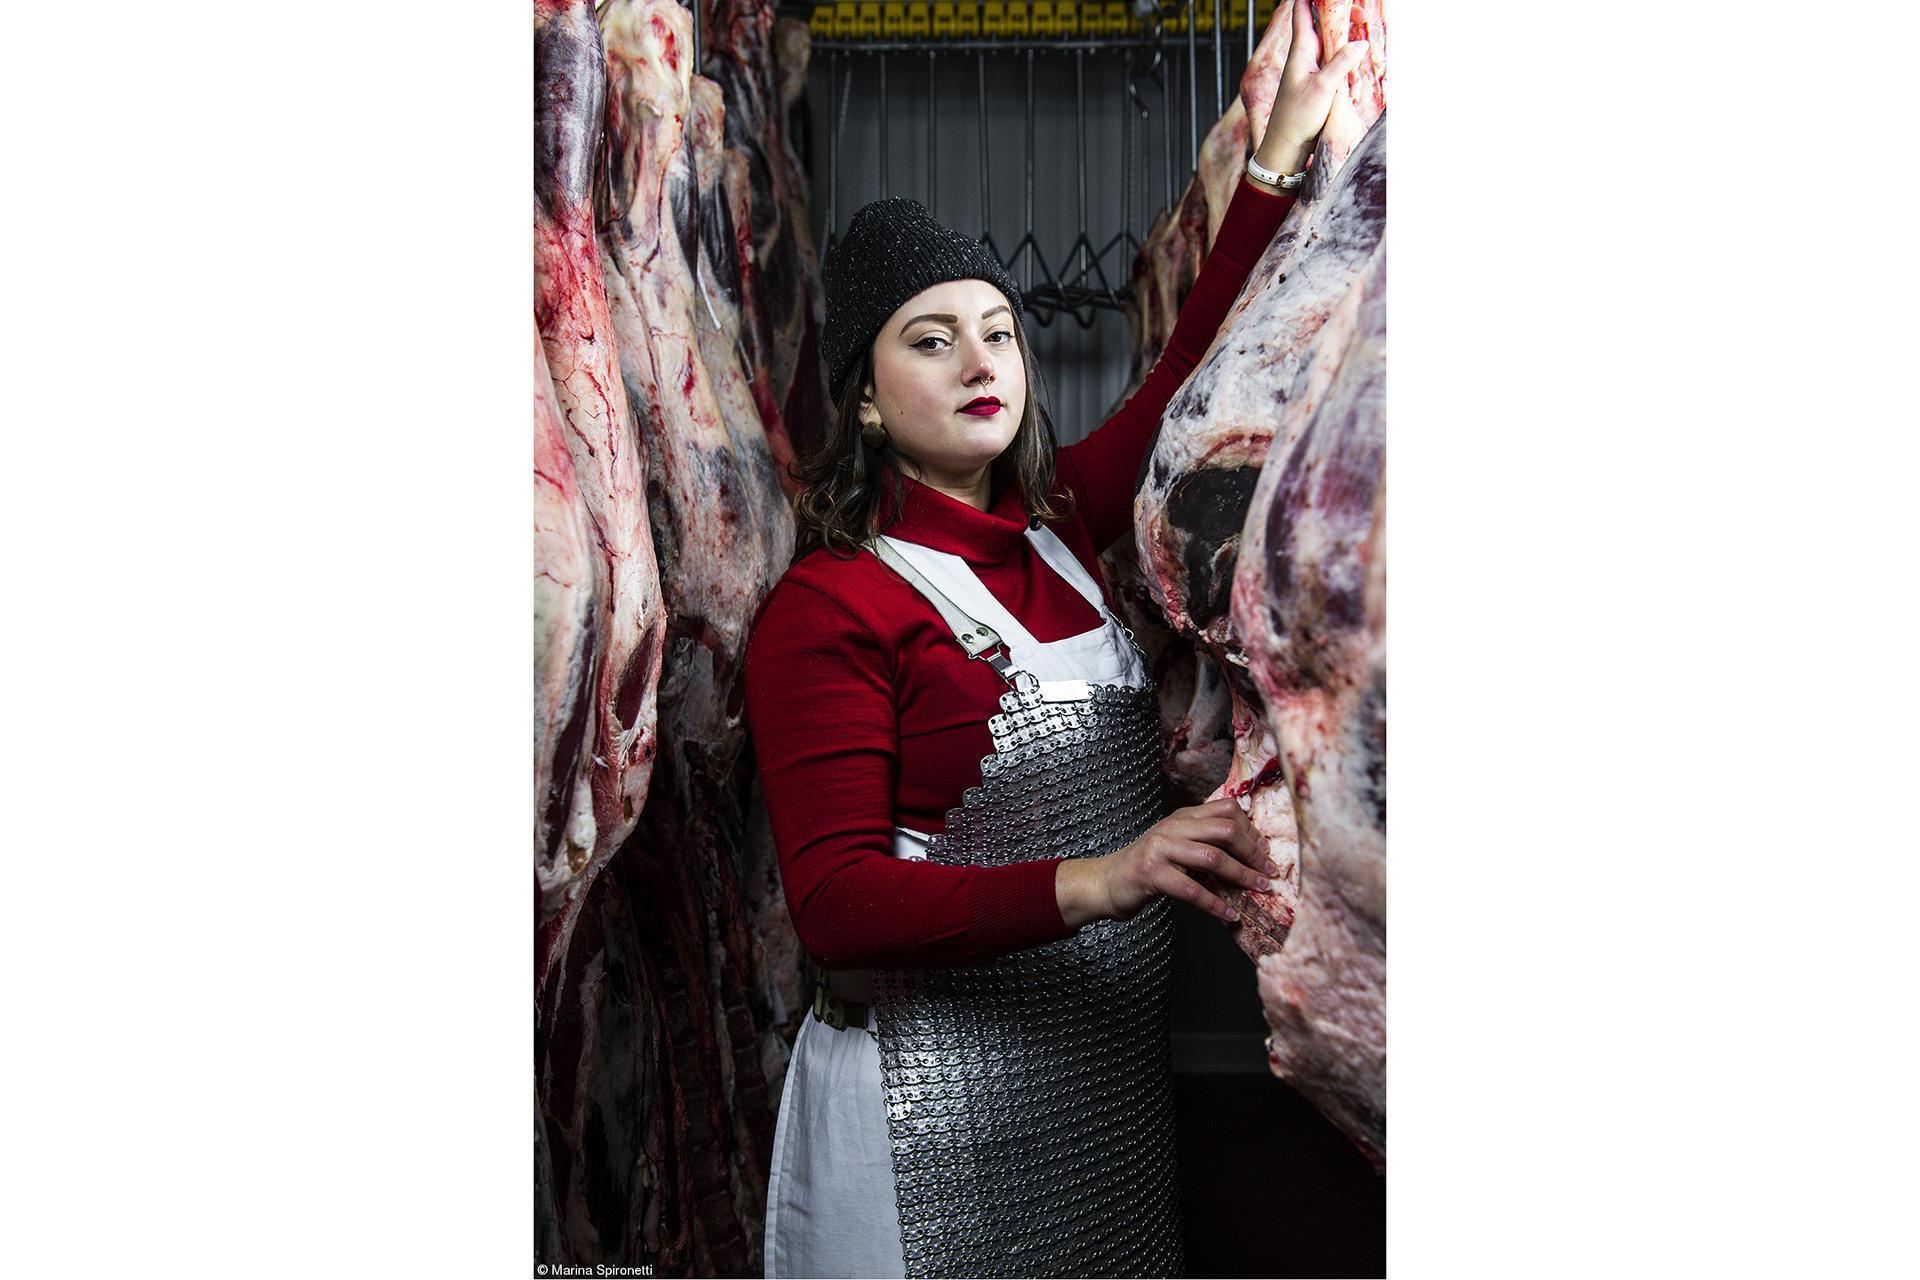 Claire Aho - Marina Spironetti - Female butchers of Panzano